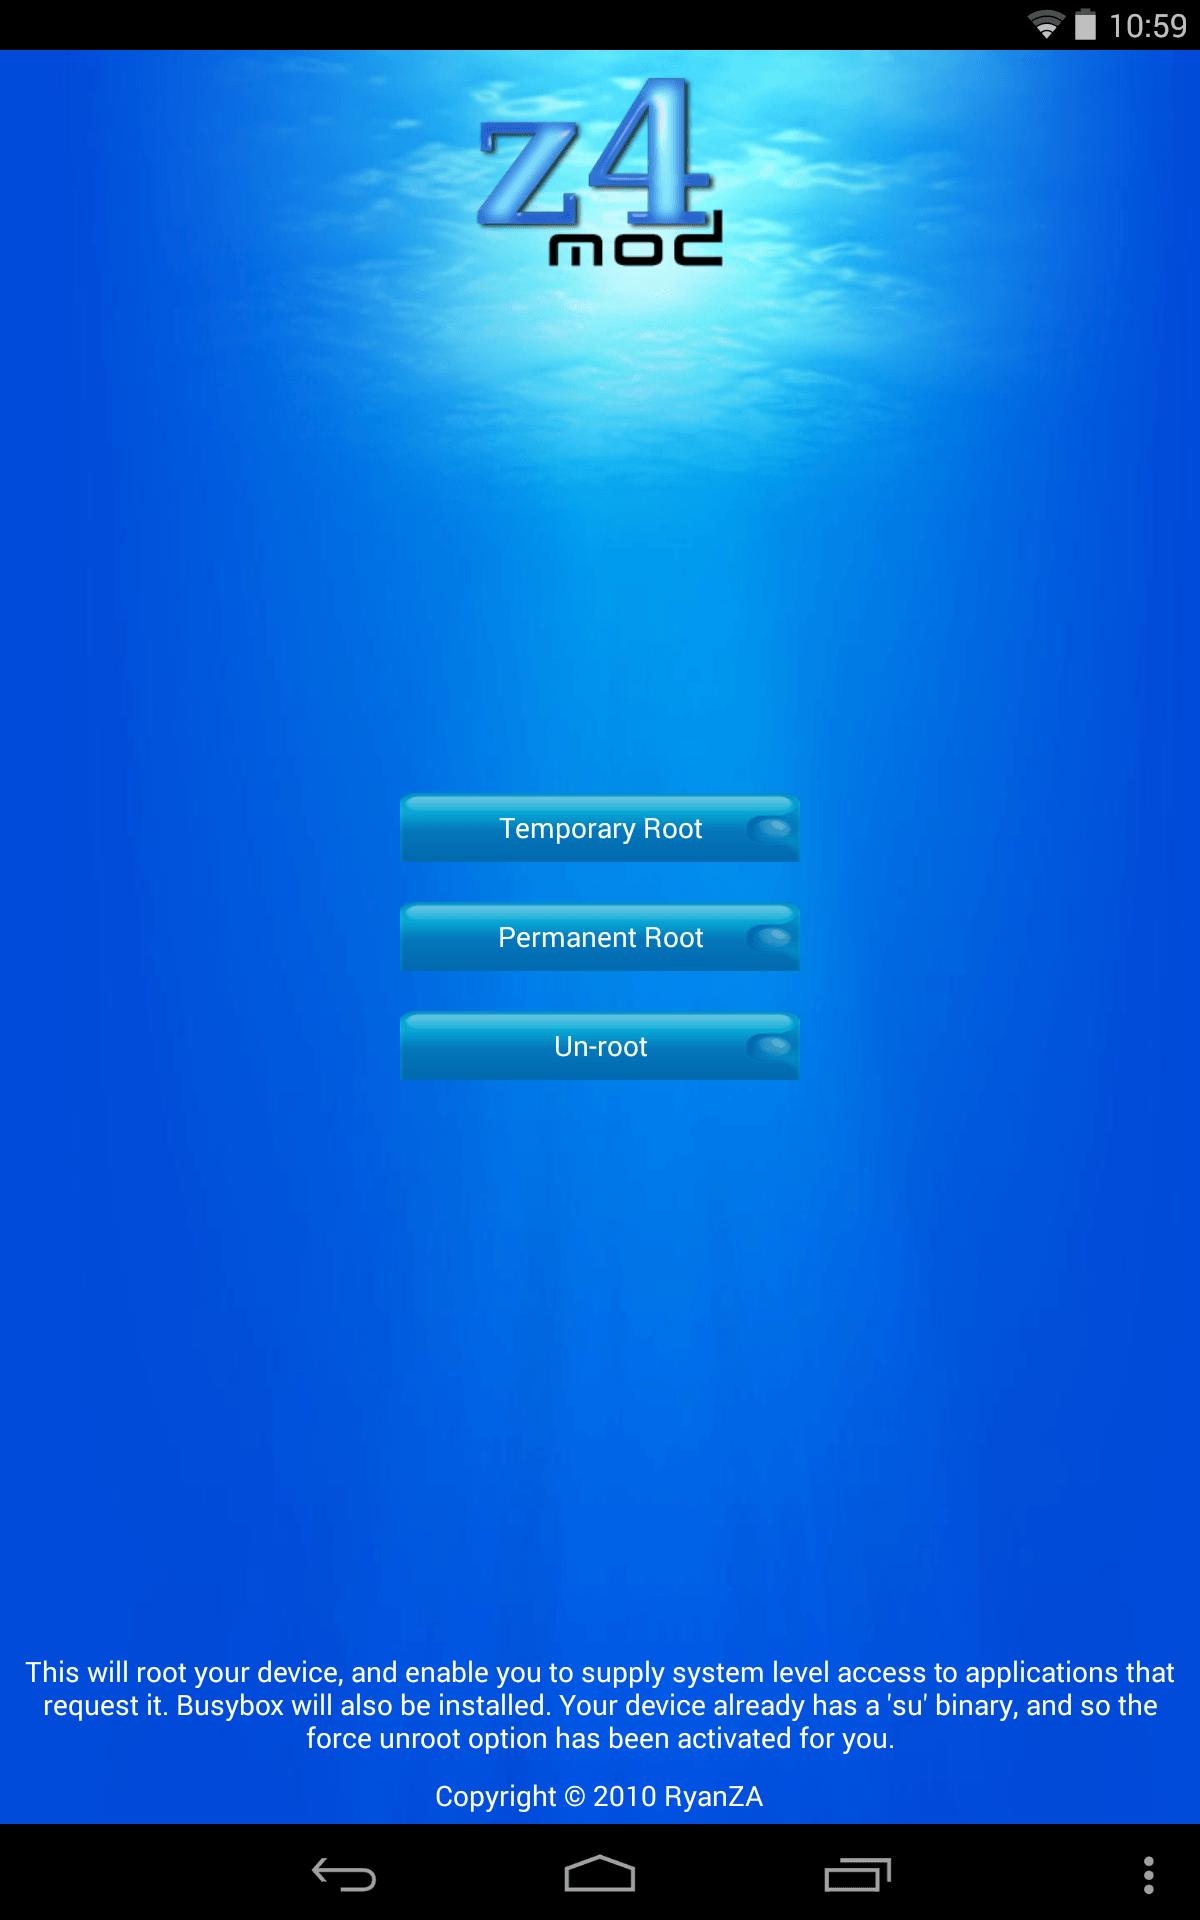 Cách root Android không cần máy tính chỉ trong 2 phút 9